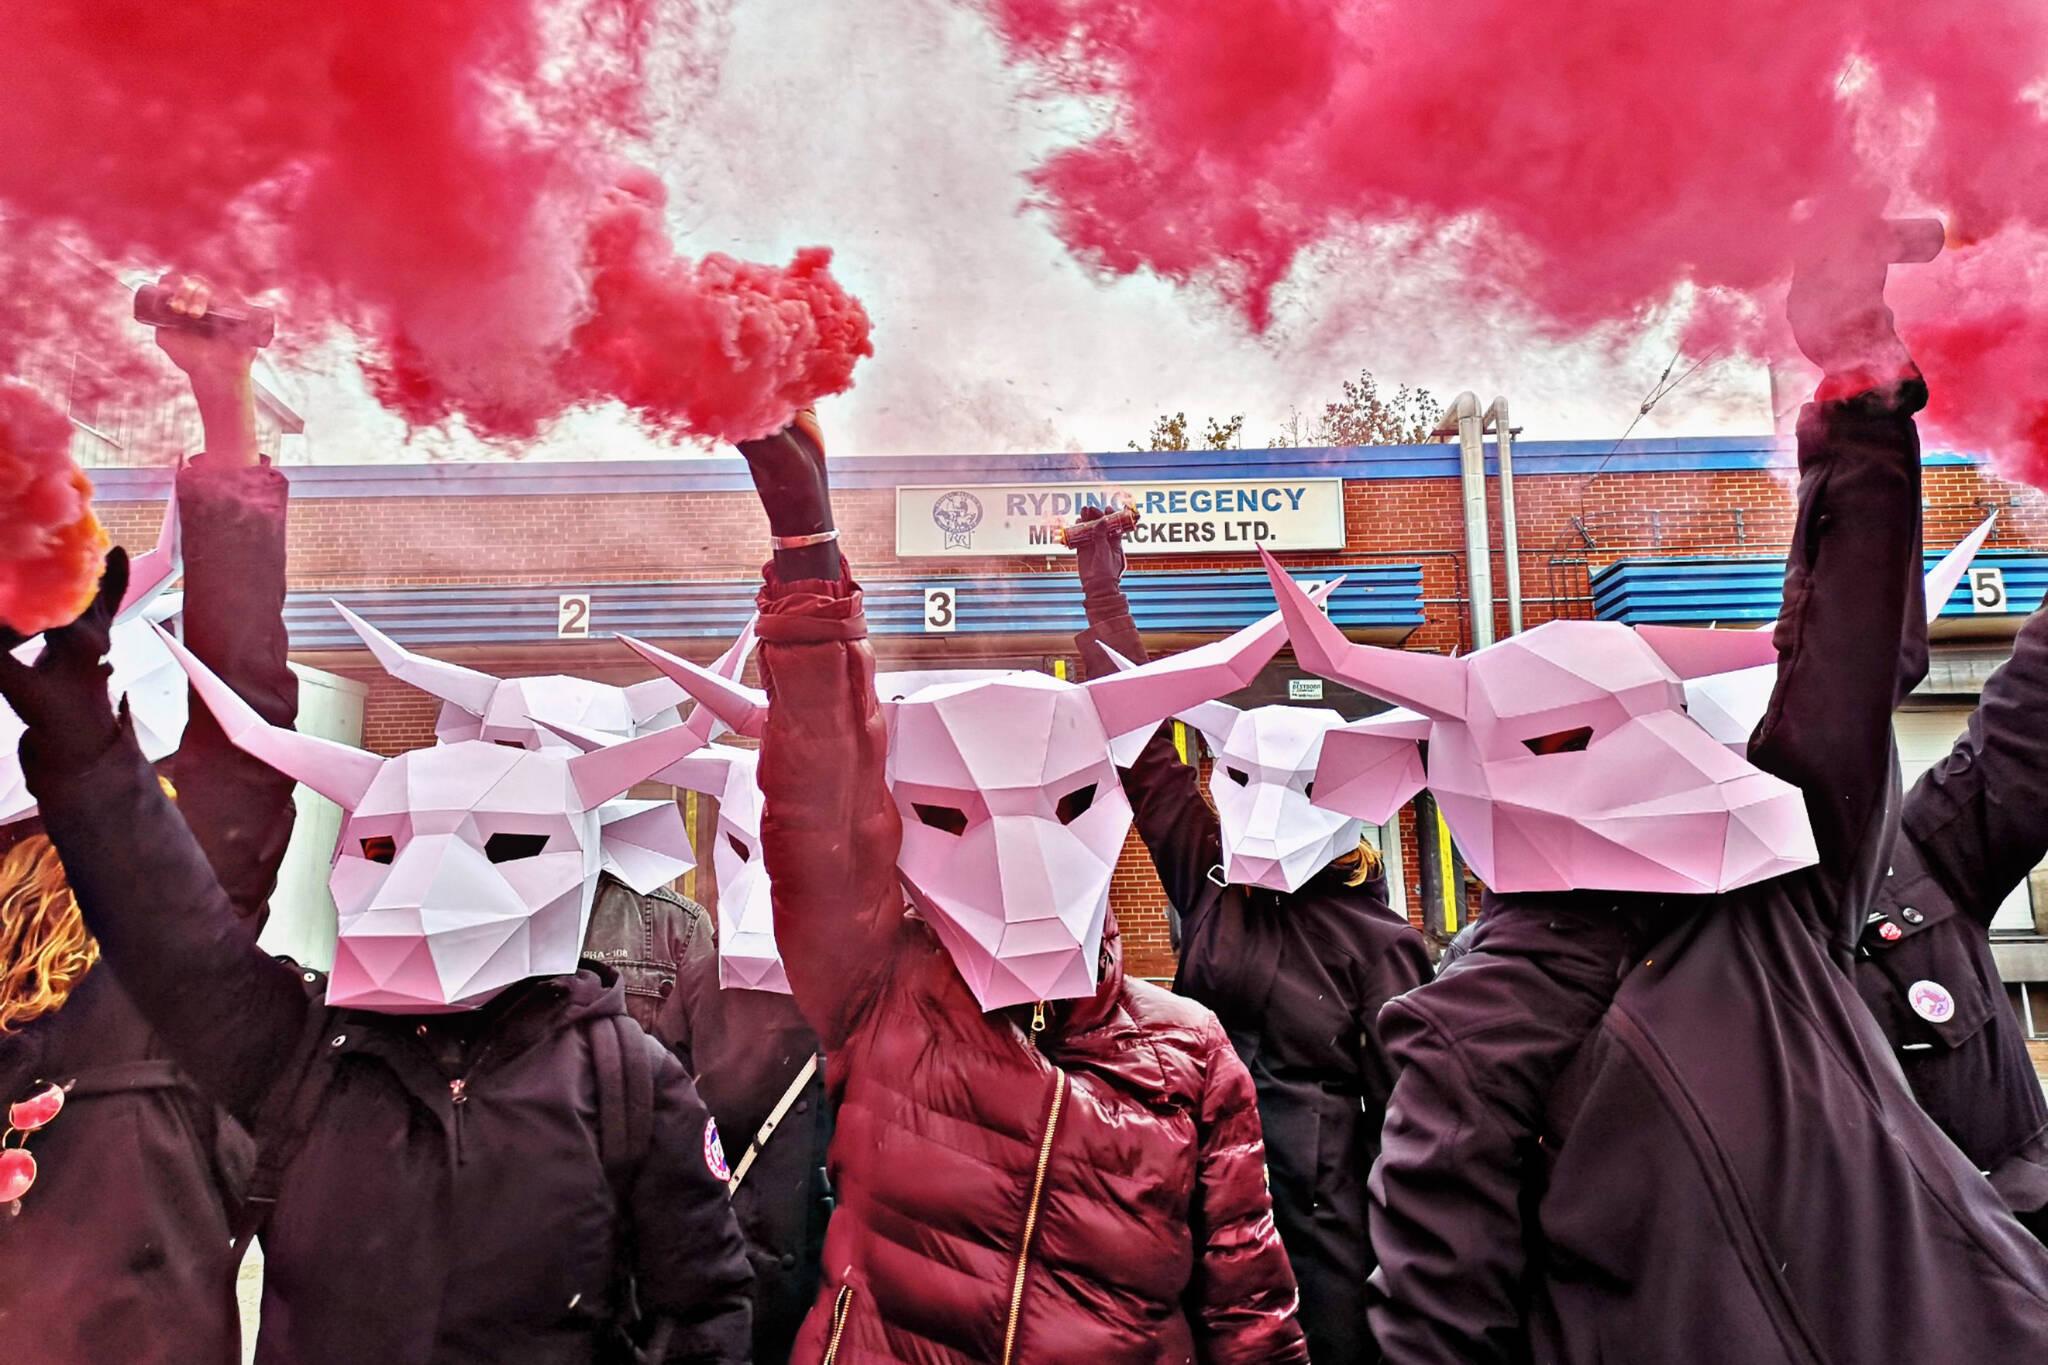 Ryding Regency Protest